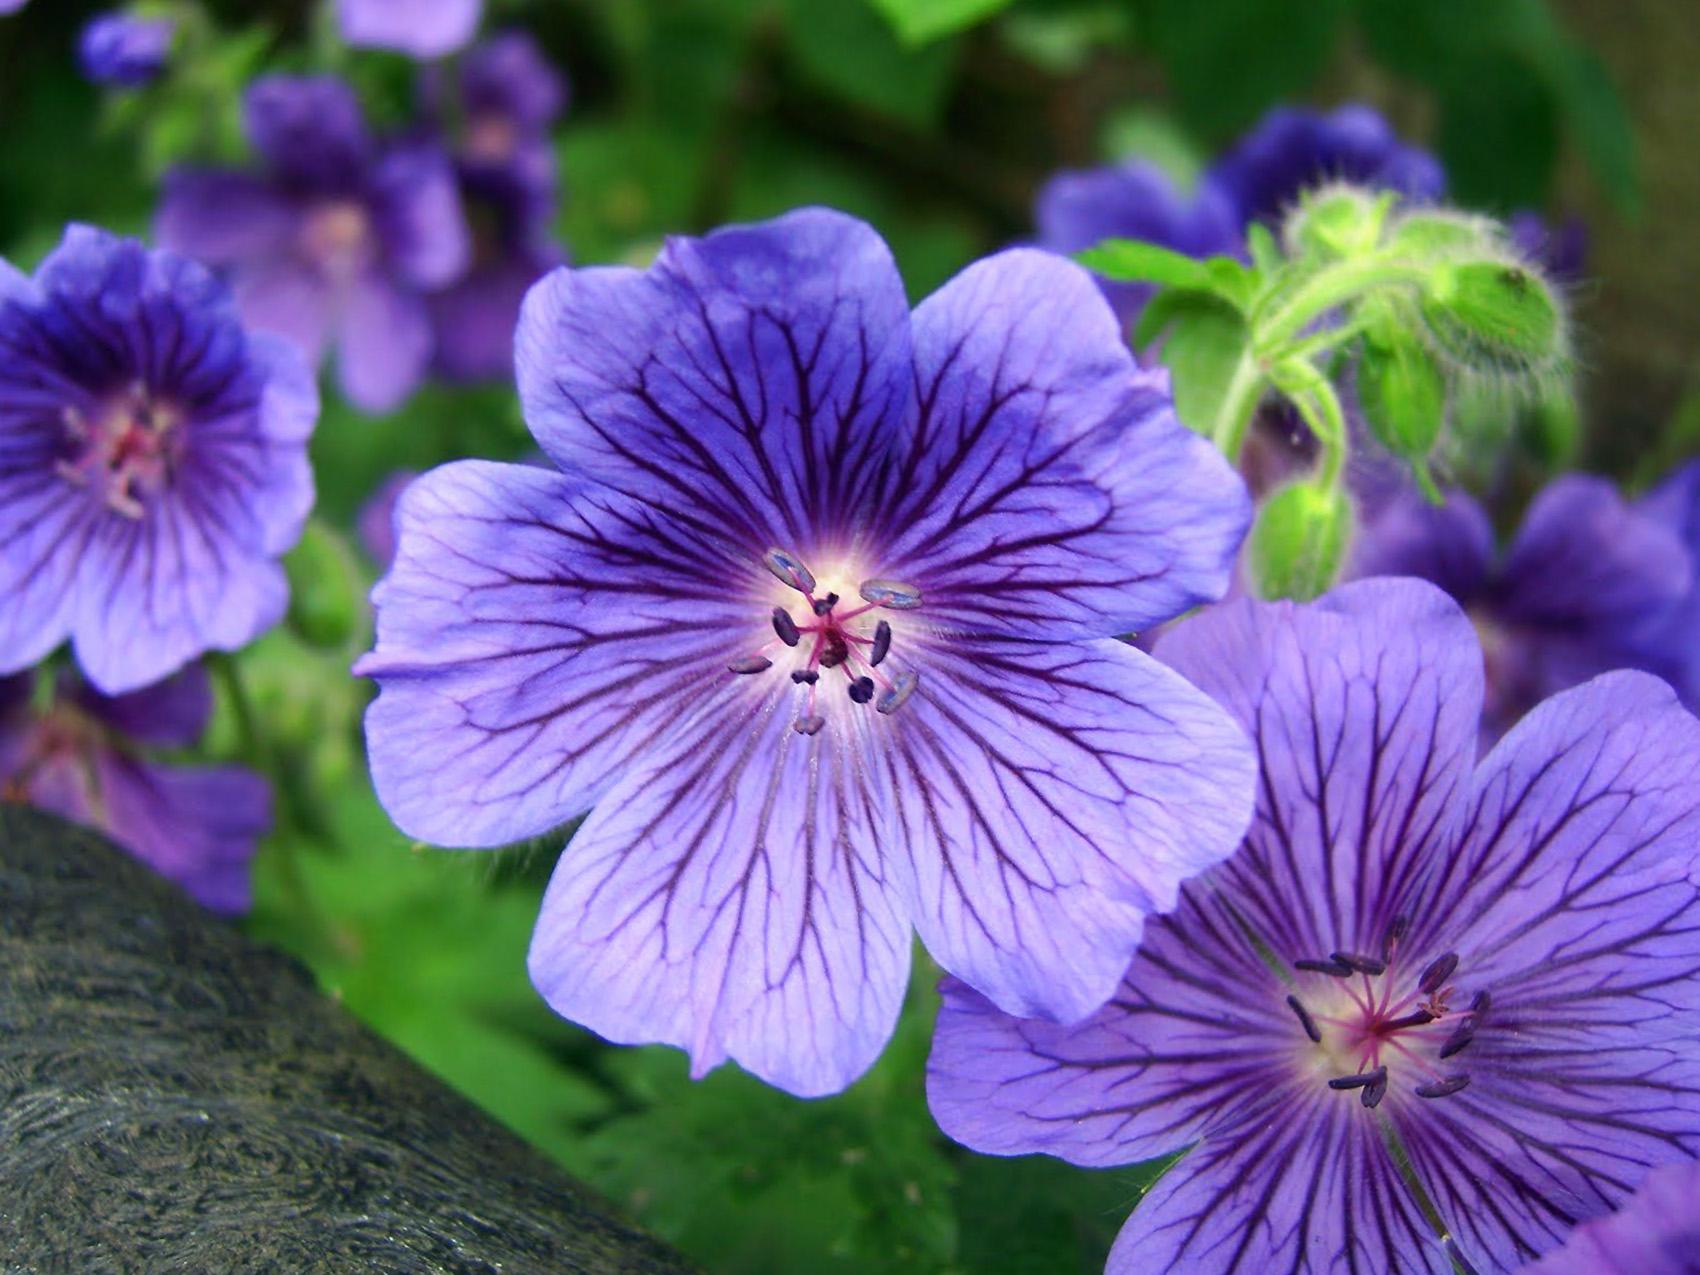 Gėlė snaputis (Geranium)